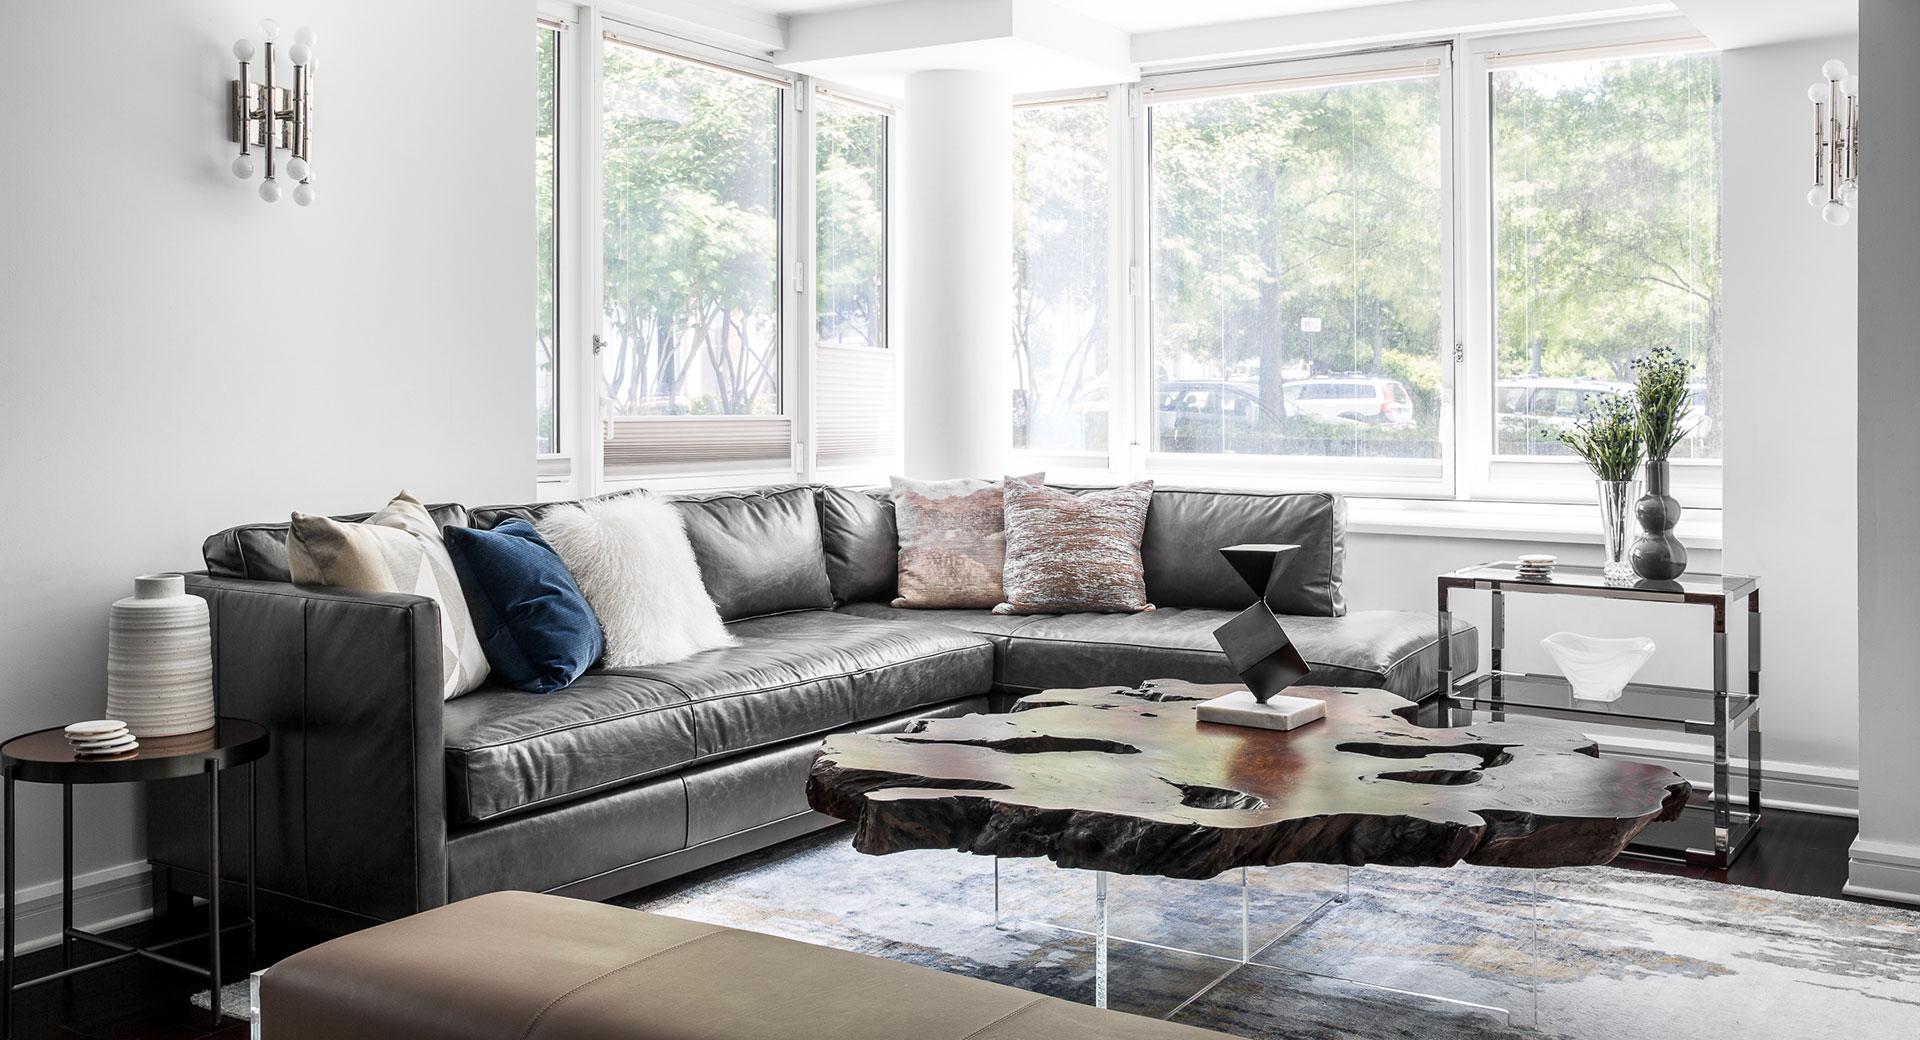 Modern Living Room Design After